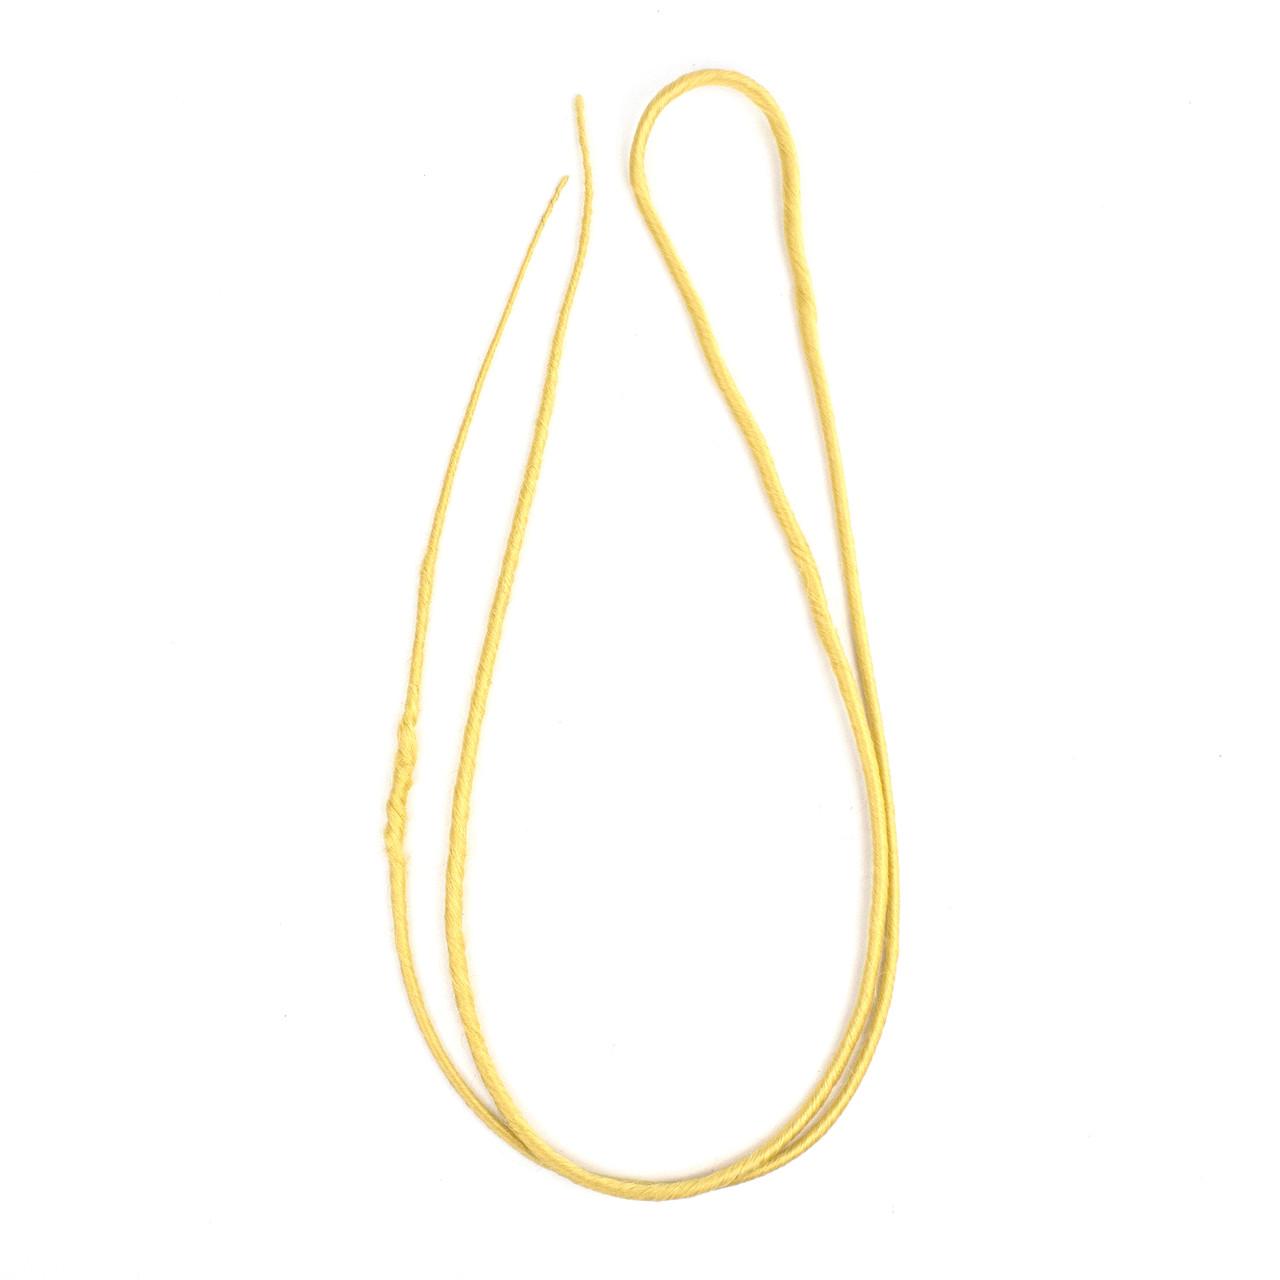 Дред двойной желтый 60 см